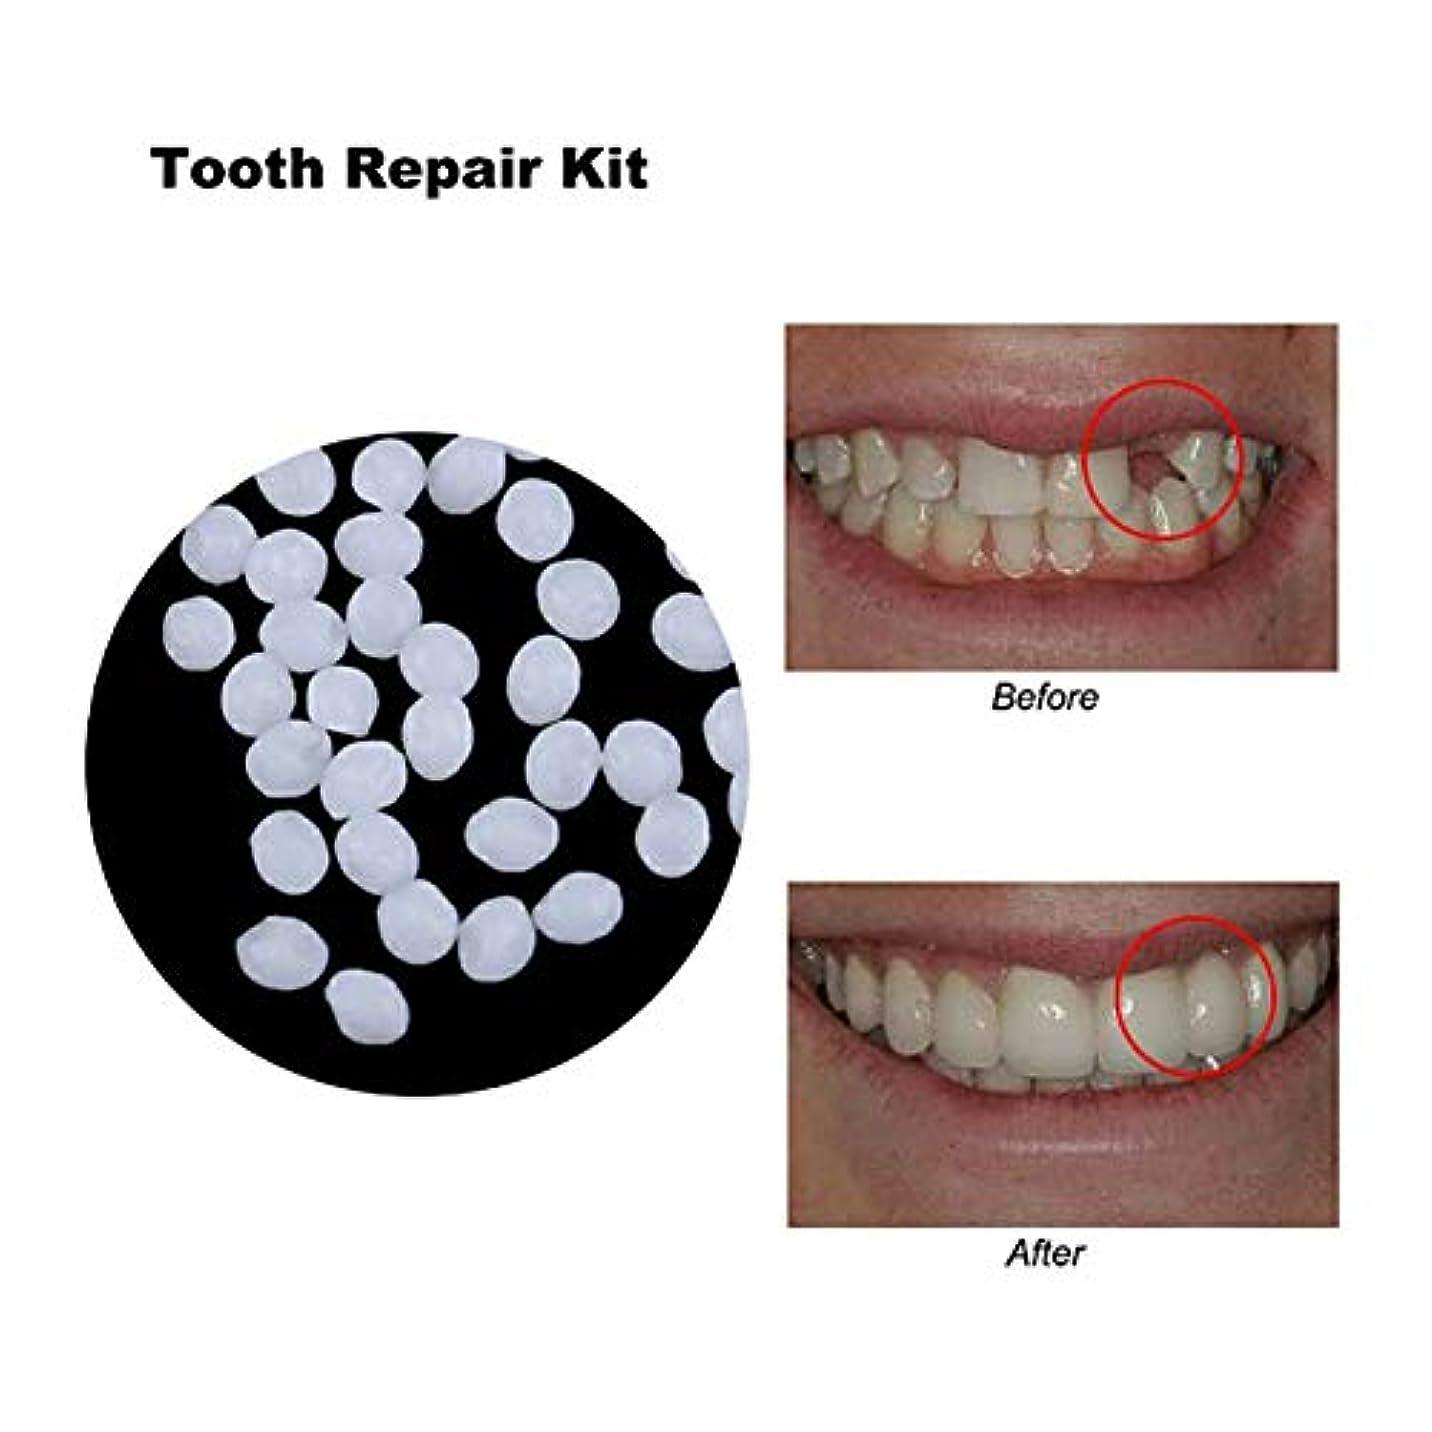 スペアリーチ手足偽歯固体接着剤 - 樹脂の歯とギャップのための一時的な化粧品の歯の修復キットクリエイティブ義歯接着剤,20ml20g